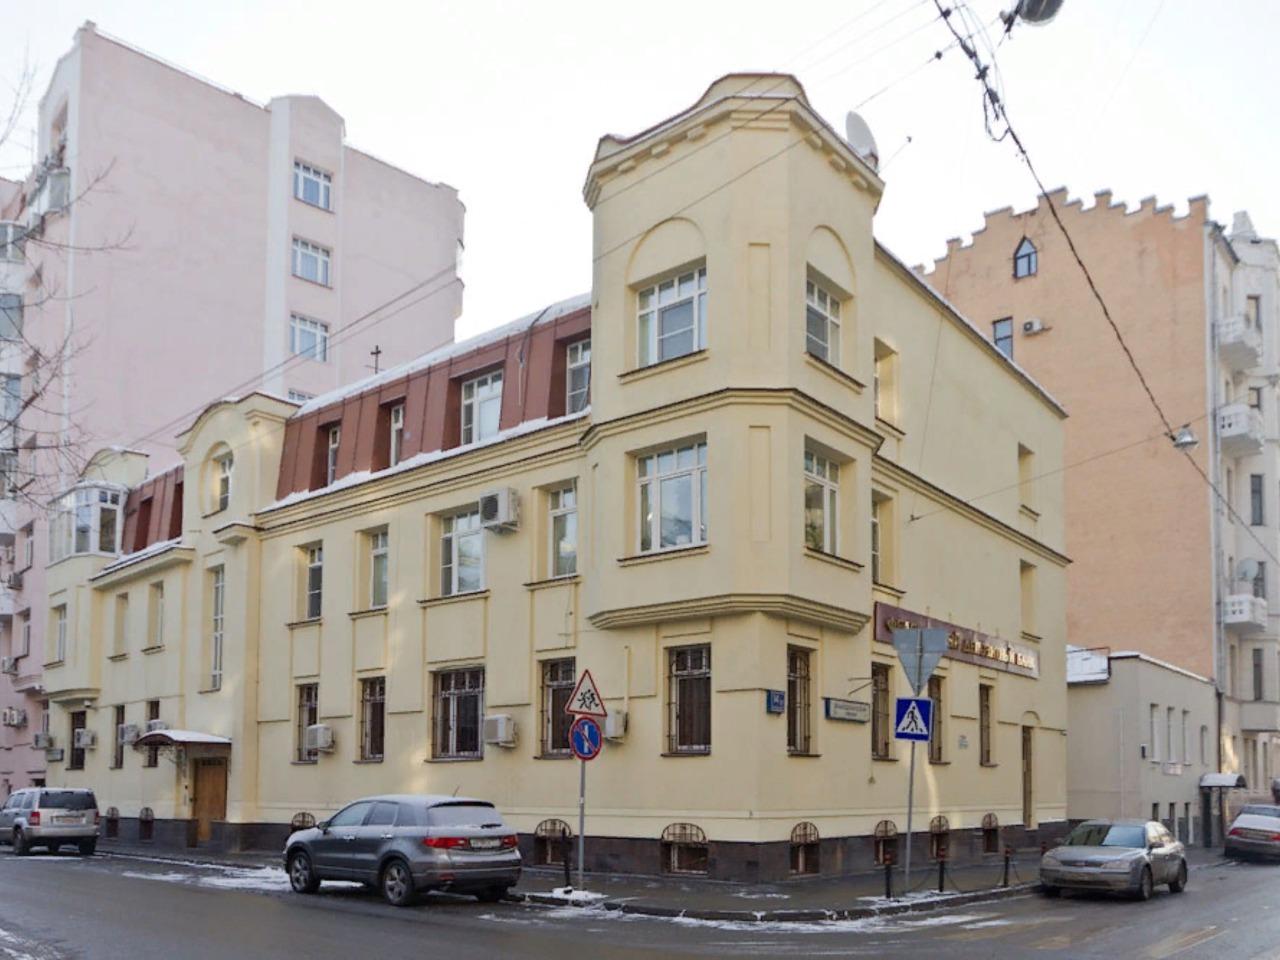 Душа Москвы – экскурсия по Плющихе и окрестностям - индивидуальная экскурсия по Москве от опытного гида